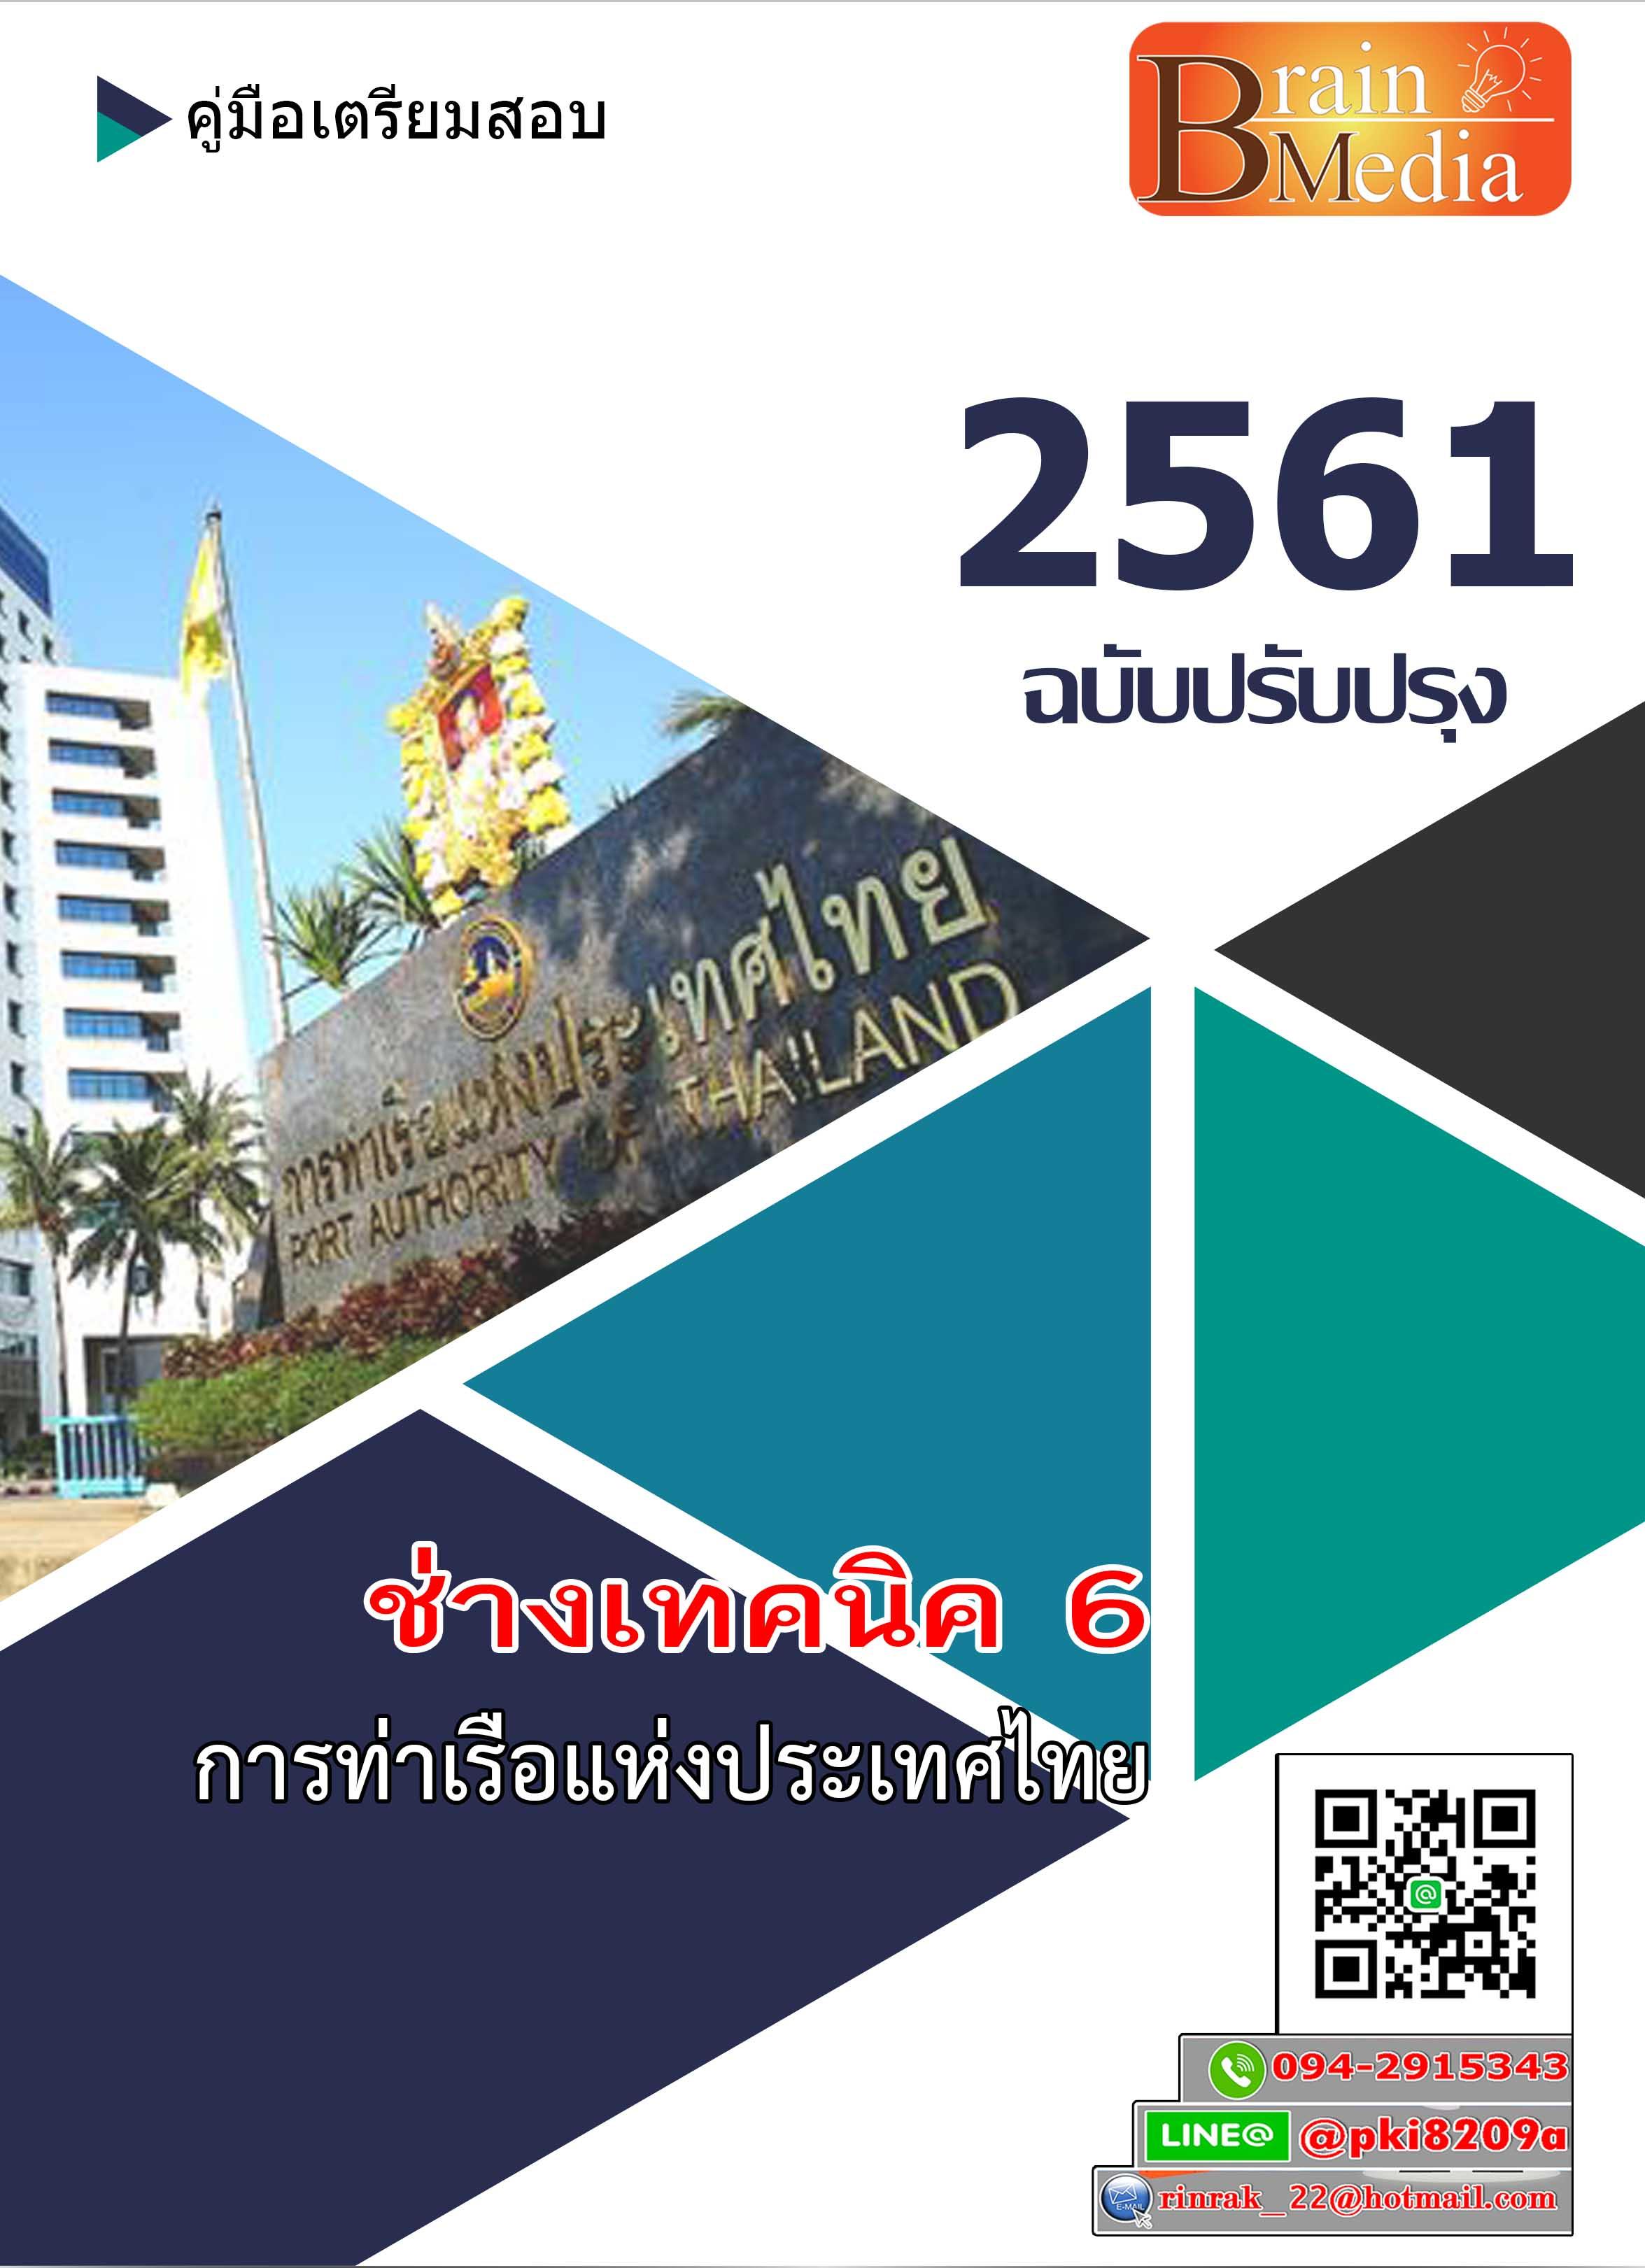 แนวข้อสอบ ช่างเทคนิค 6 การท่าเรือแห่งประเทศไทย